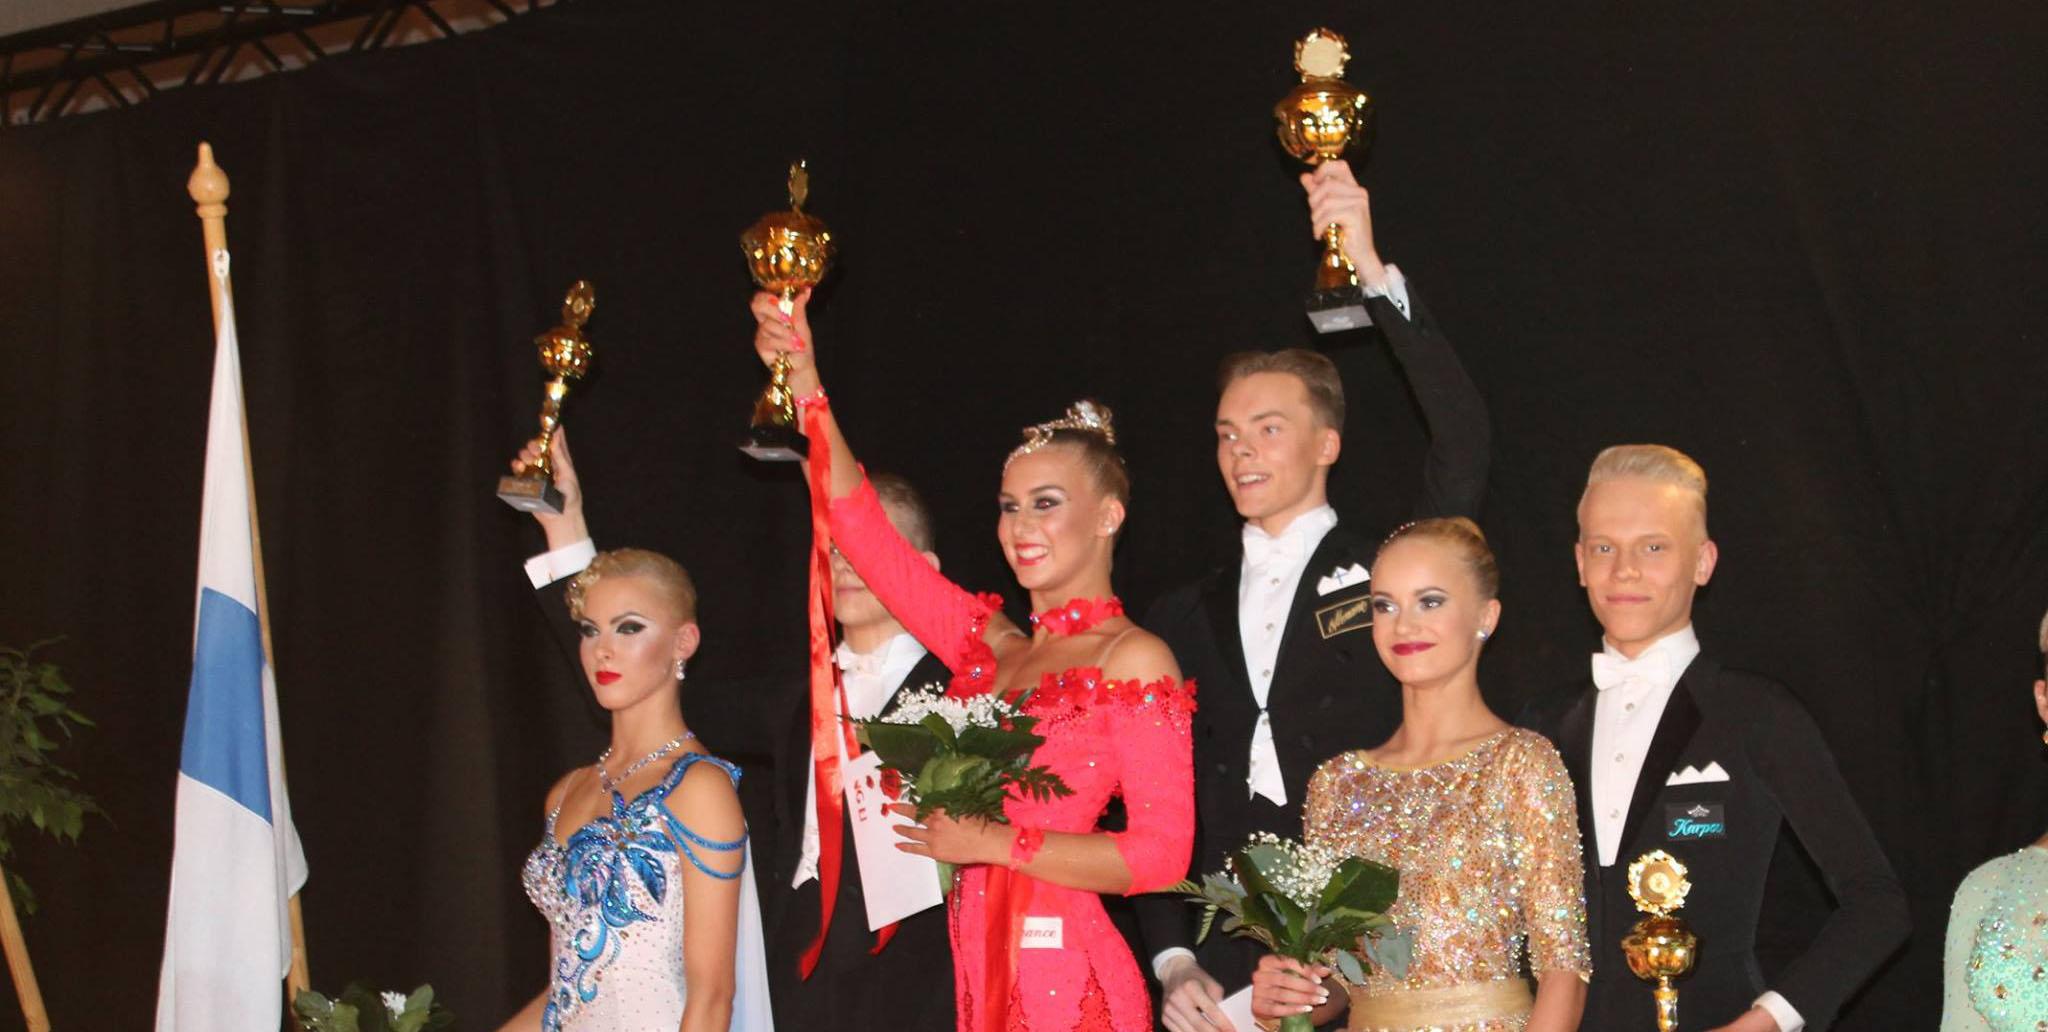 Jere Hakalahti ja Veera Korpinen , Suomen Mestarit 2016